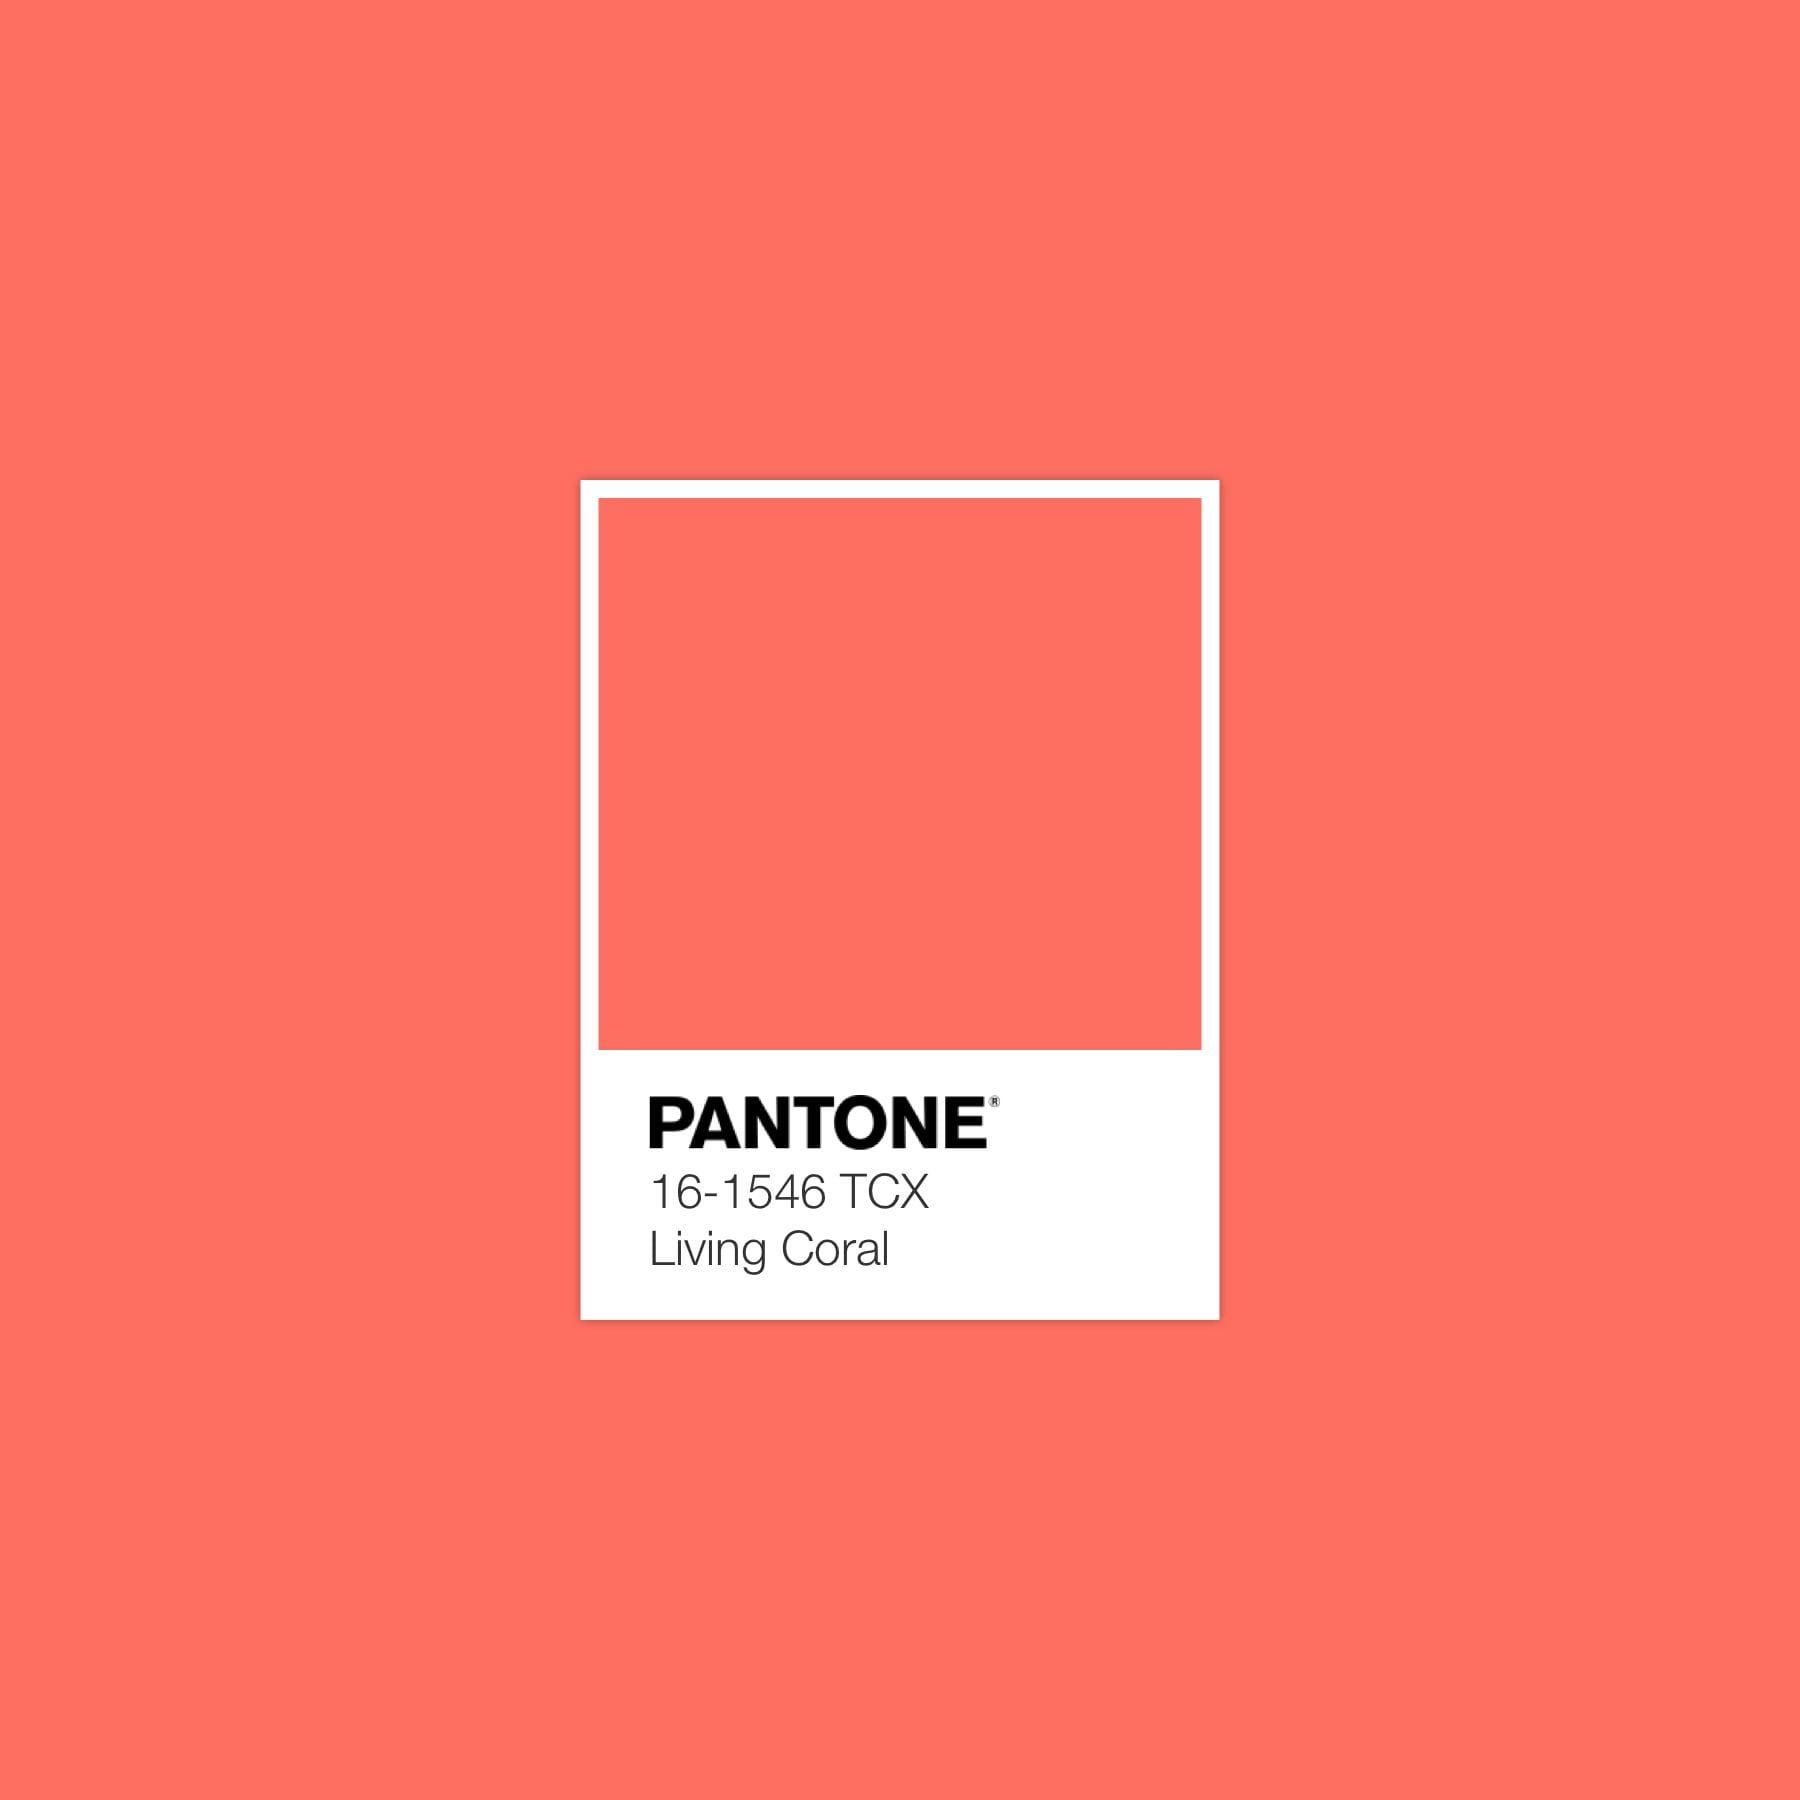 aab8fe18634aa26e084b5015114849d4 - PANTONE – barvou roku 2019 je Living Coral